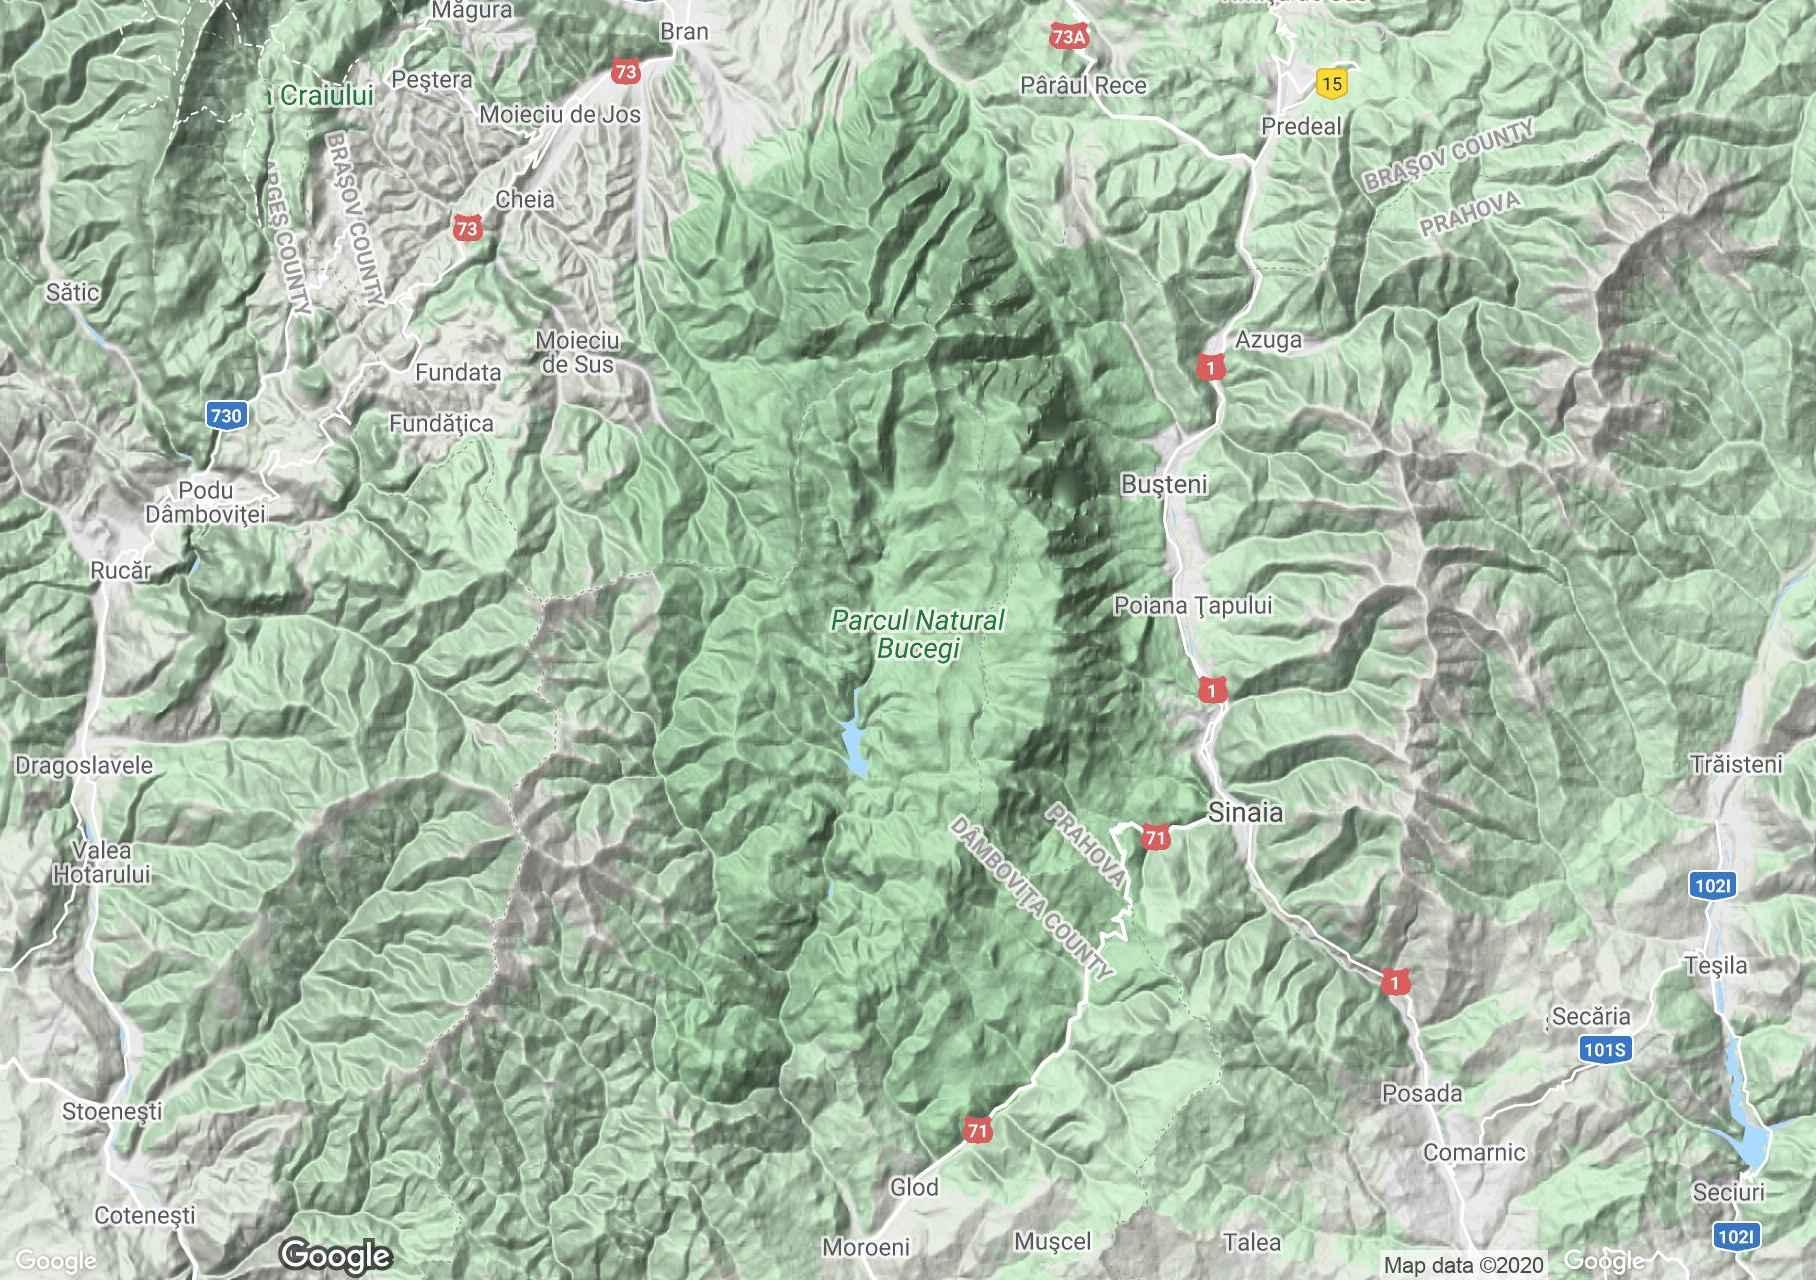 Bucsecs-hegység interaktív turista térképe.